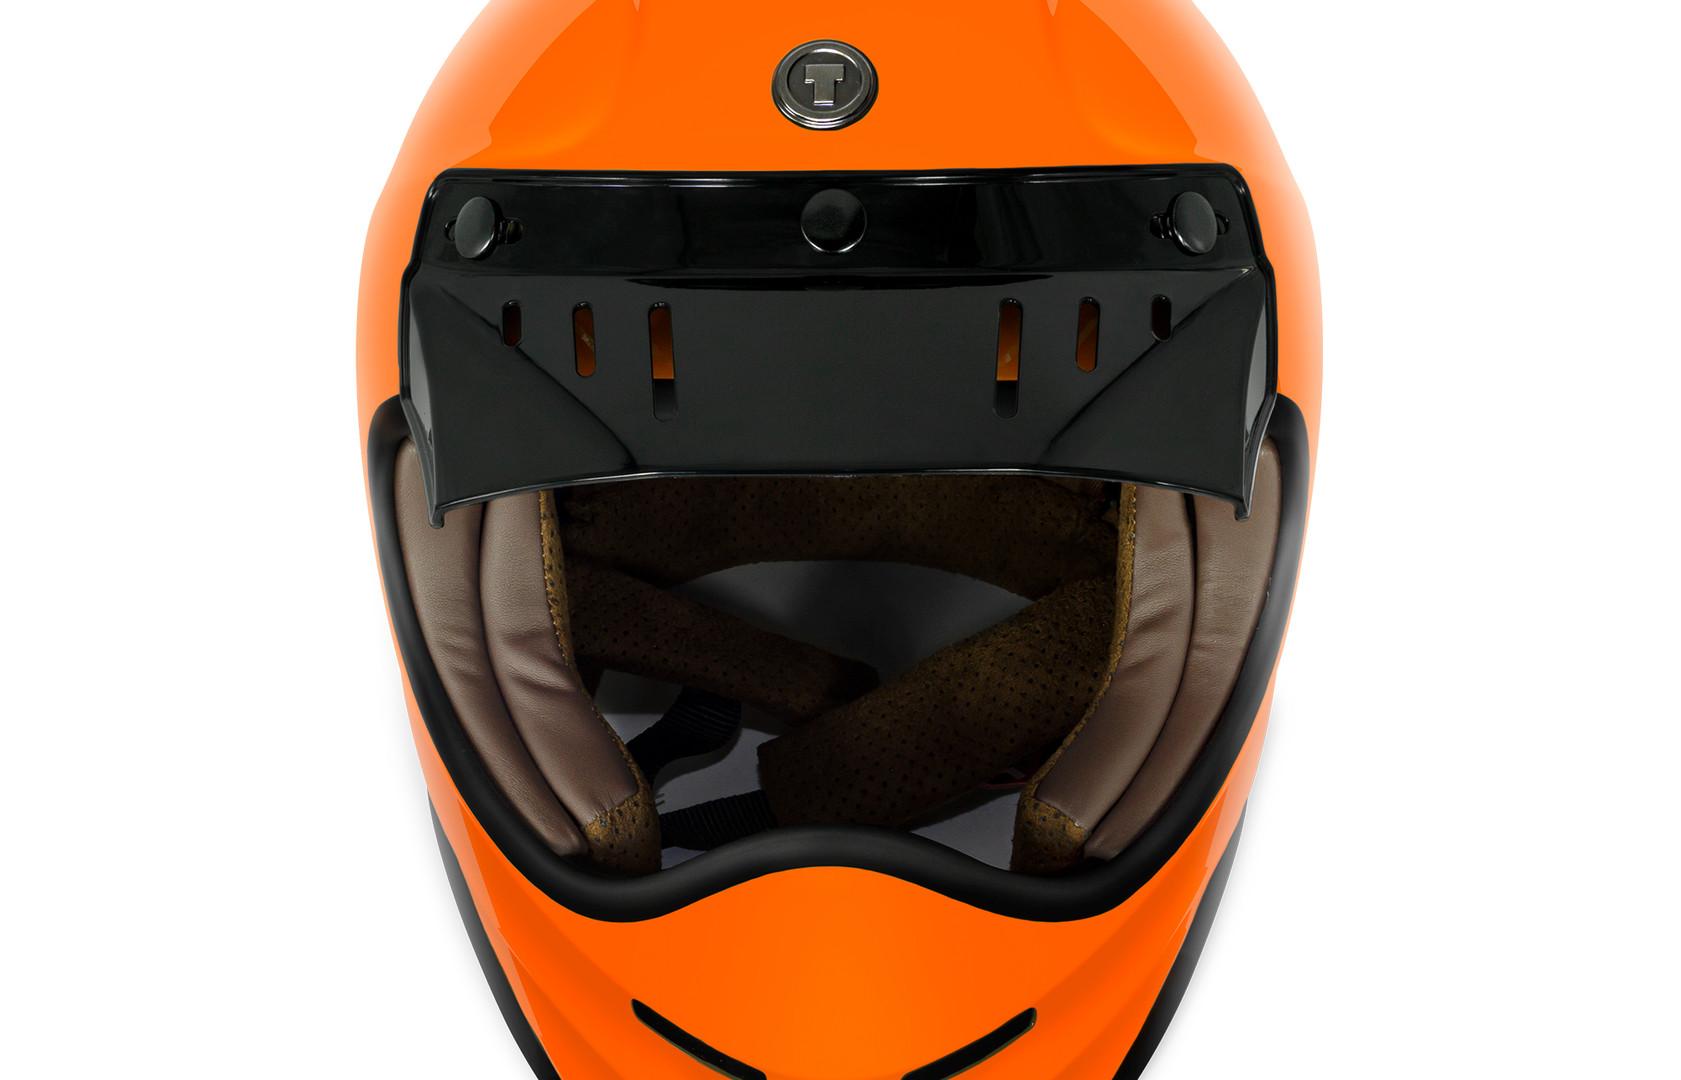 T3_Orange_Visor3.jpg